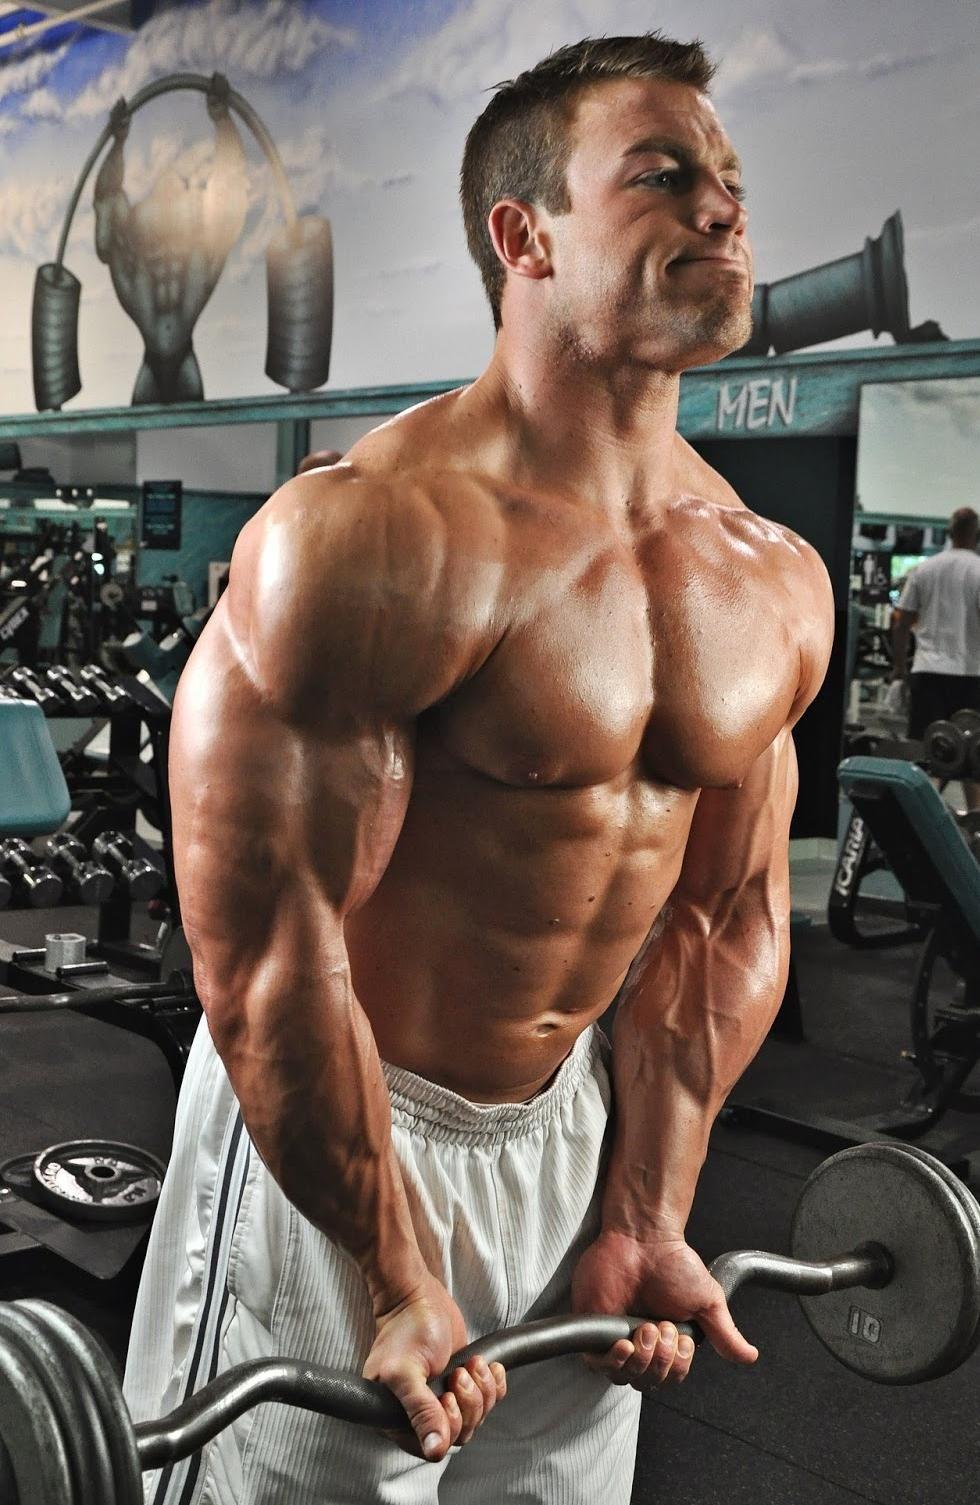 Todd Whitting | Cuerpos en forma y nalgas | Pinterest | Nalgas, En ...